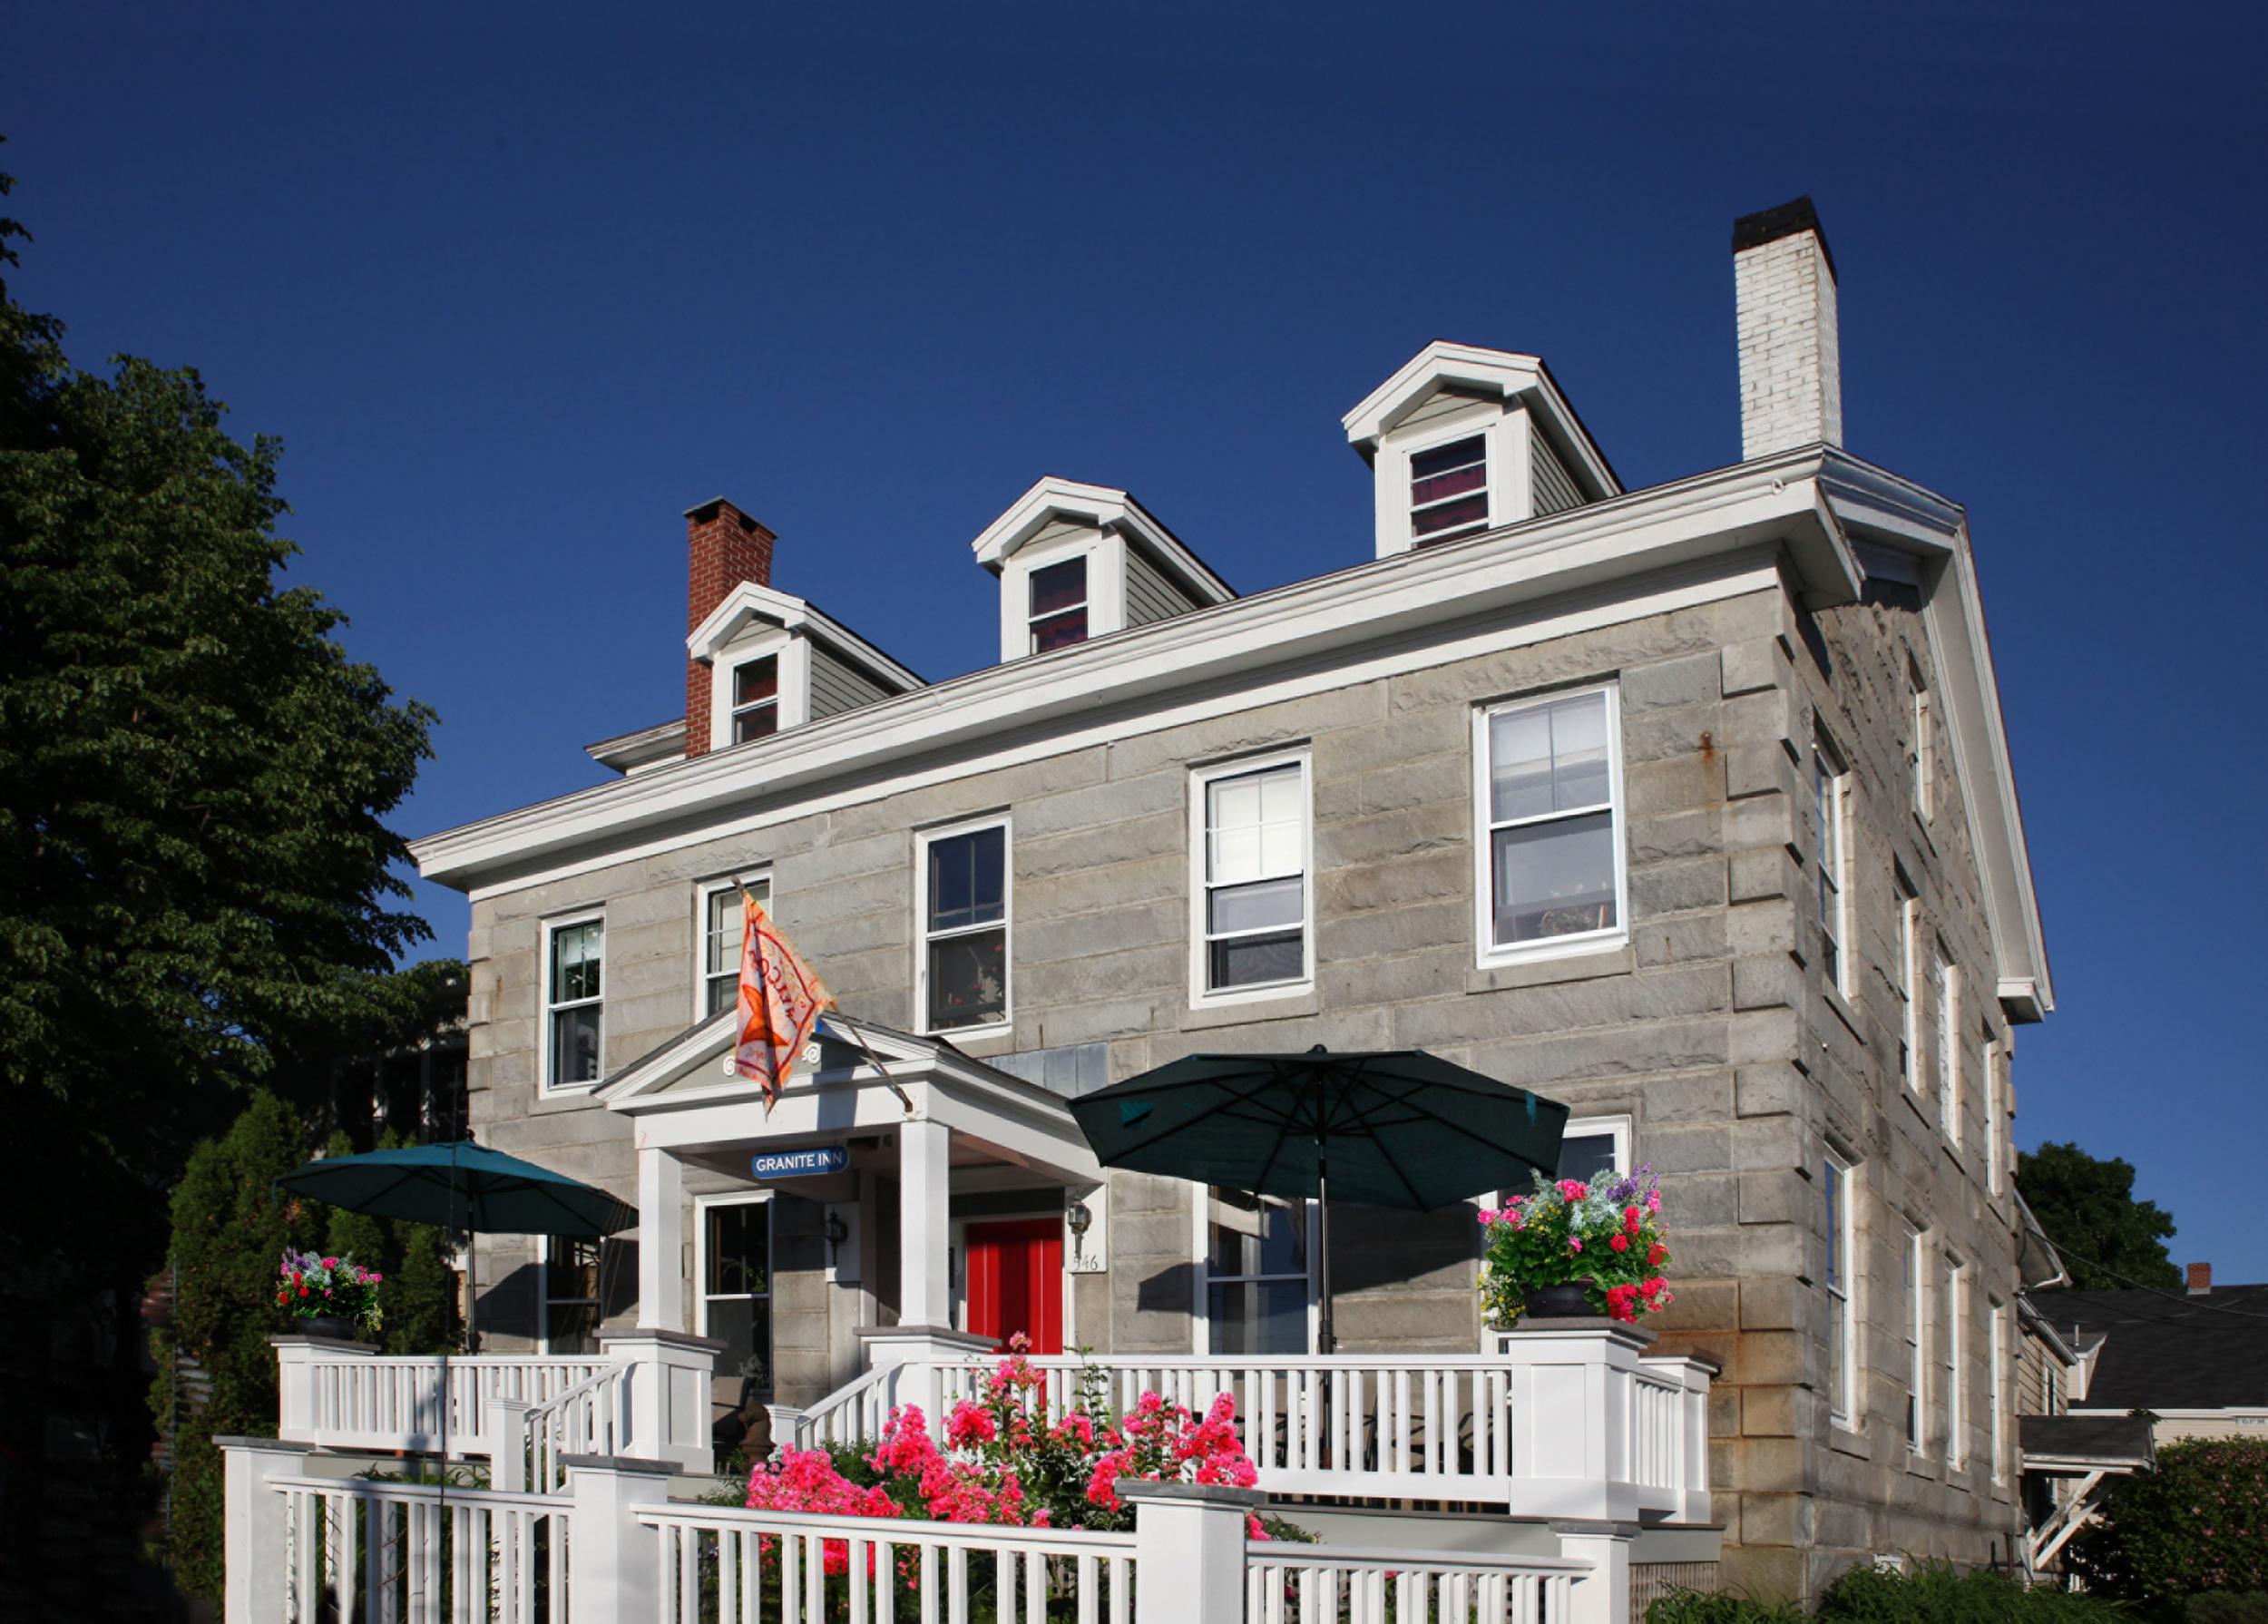 granite inn exterior '14.jpg